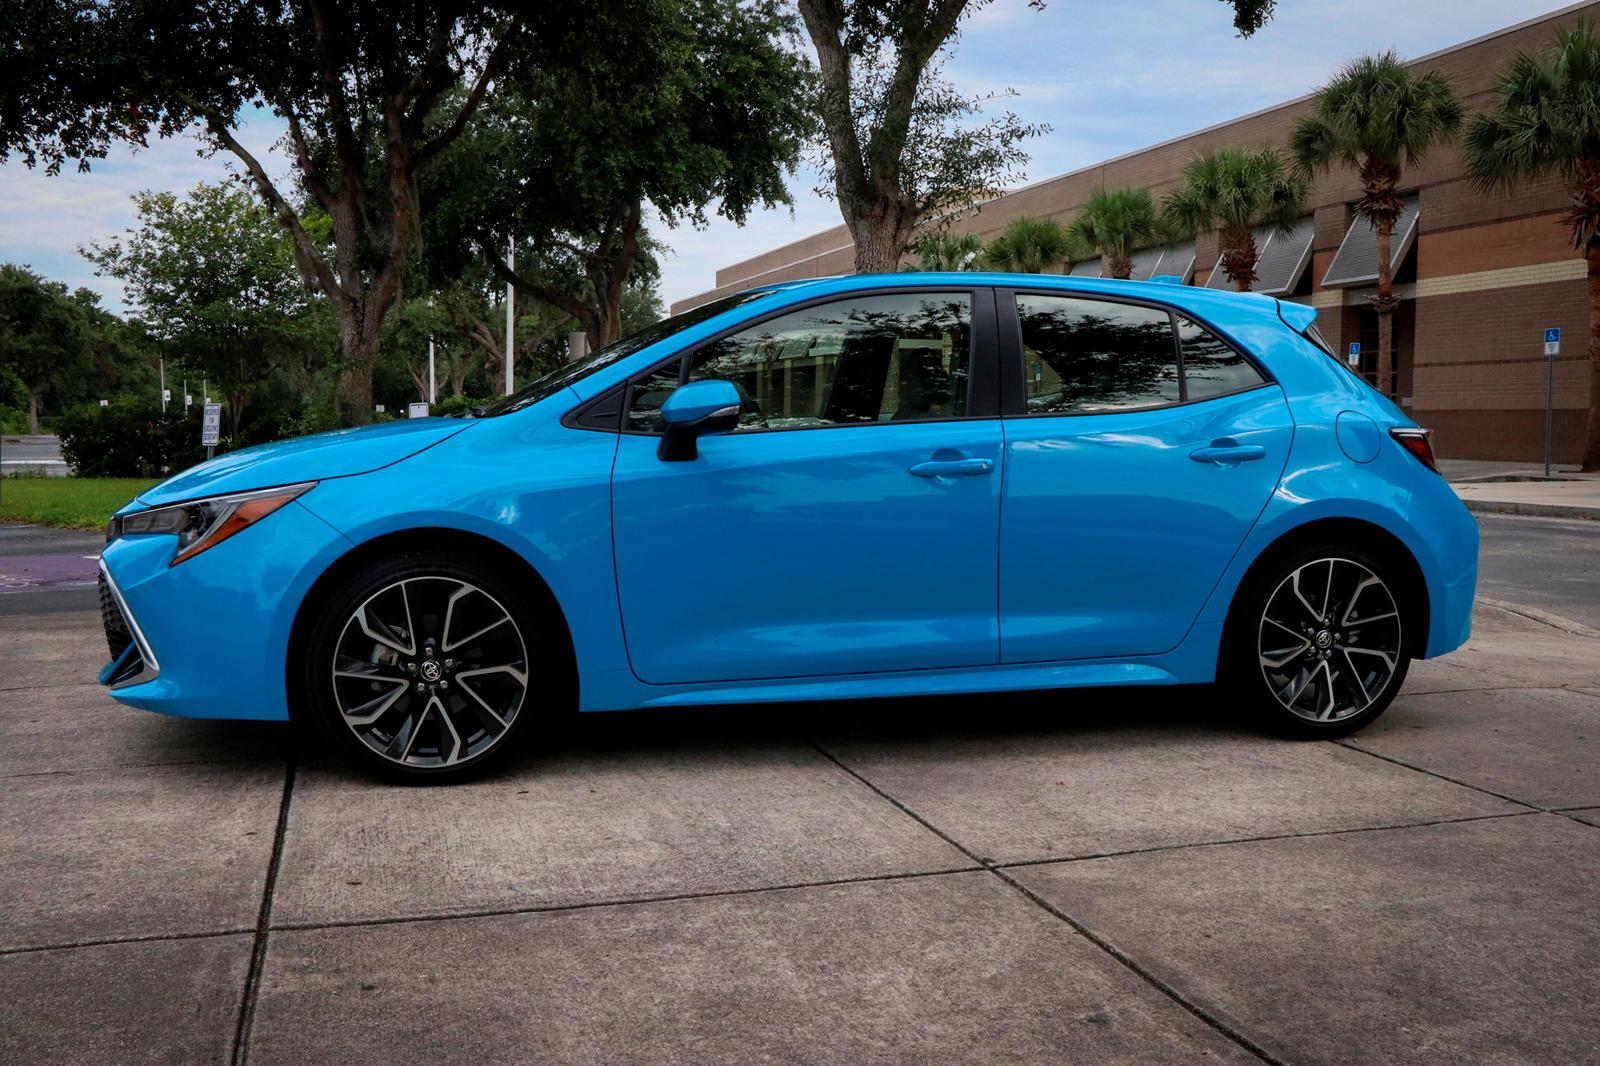 2019-2020 Toyota Corolla Hatchback Test Sürüşü Yan Görünüm